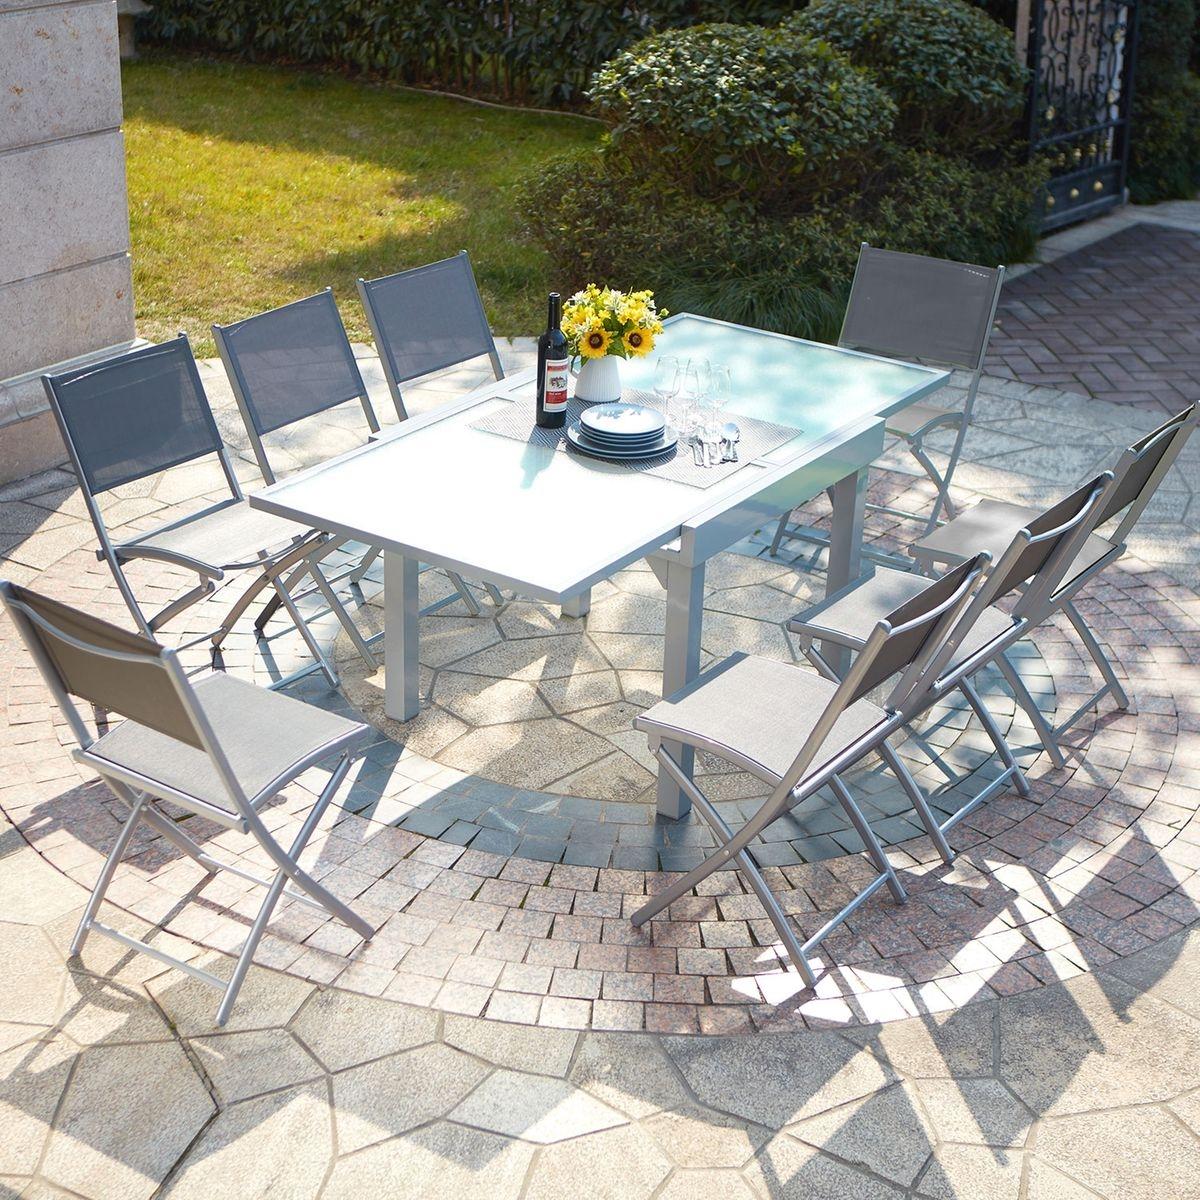 Molvina 8 : table de jardin extensible en aluminium 8 personnes + 8 ...